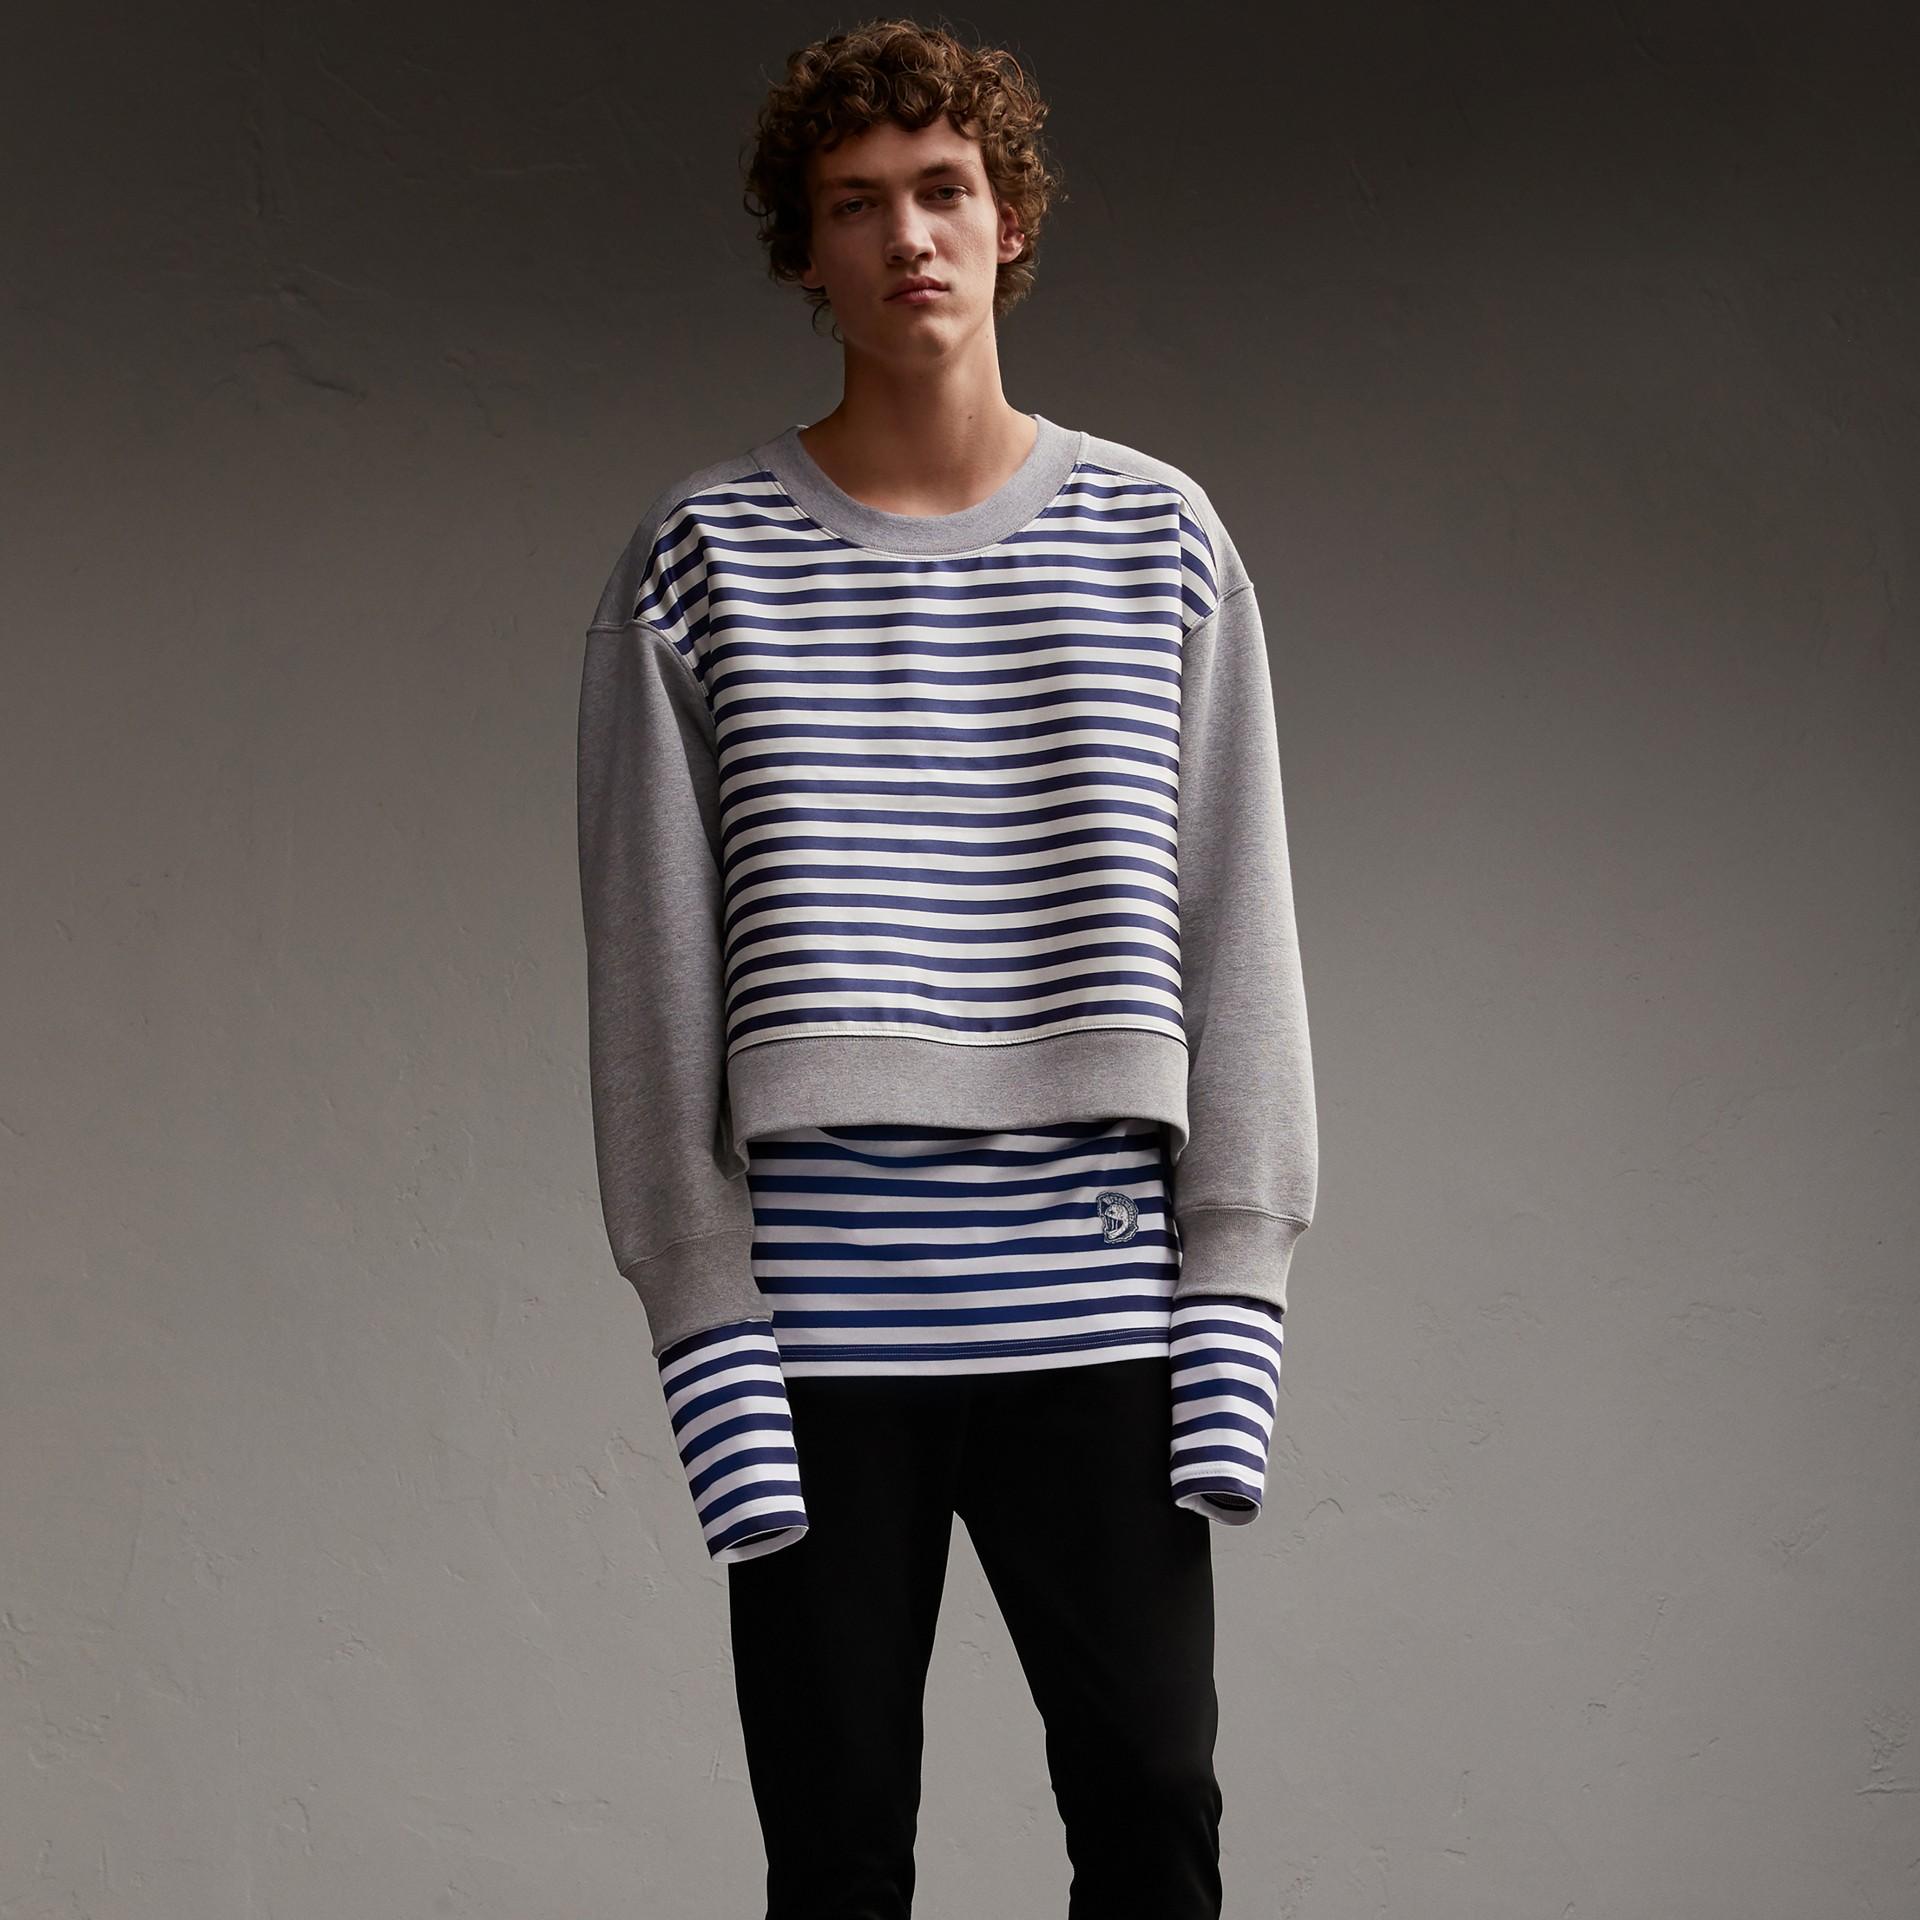 Unisex-Sweatshirt mit Streifenpanel aus Baumwollseide (Grau Meliert) - Herren | Burberry - Galerie-Bild 1